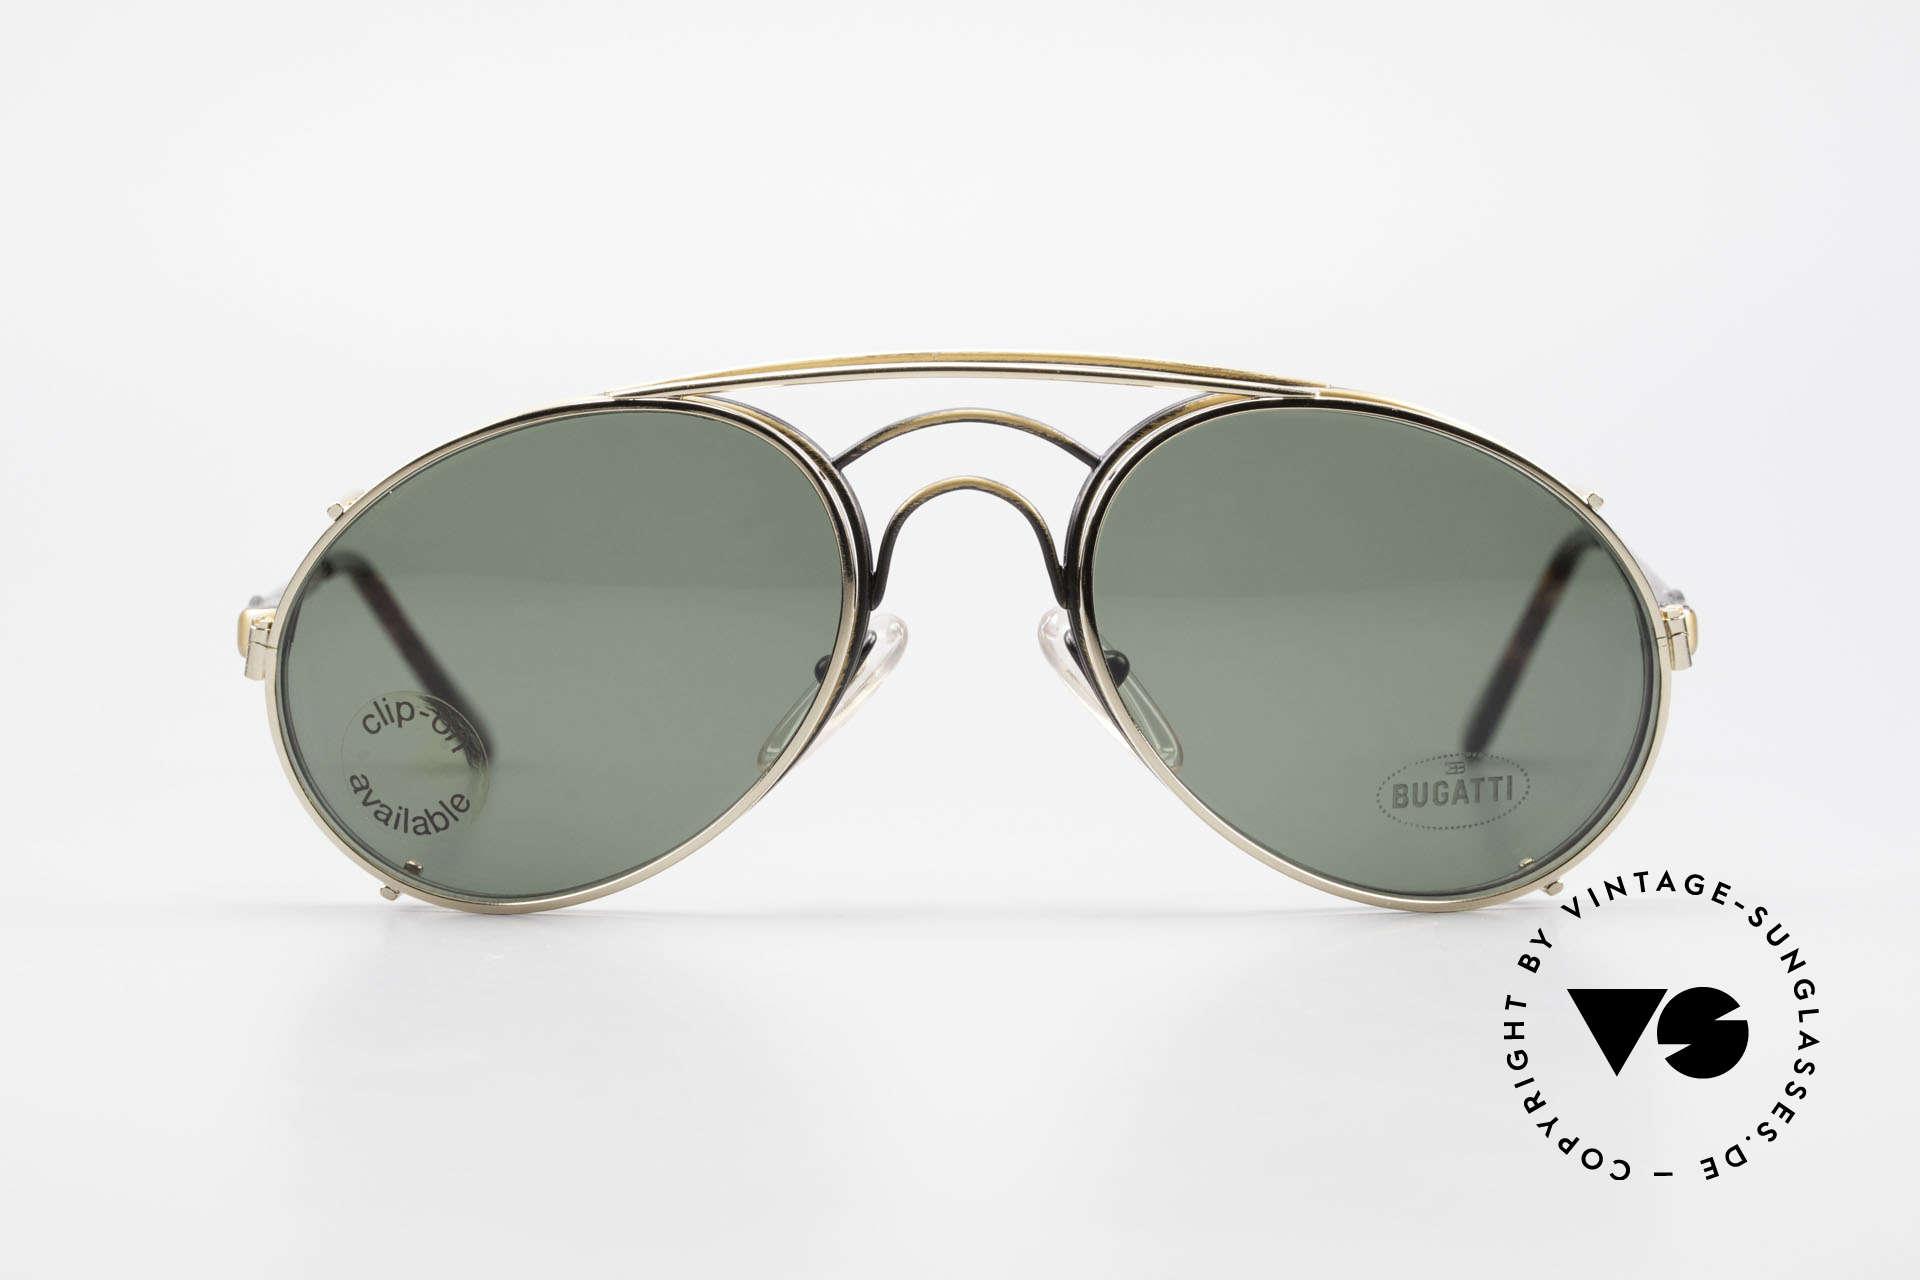 Bugatti 07823 Alte 80er Brille mit Vorhänger, legendäre Bugatti Herren(Tropfen)-Form in Gr. 52mm, Passend für Herren